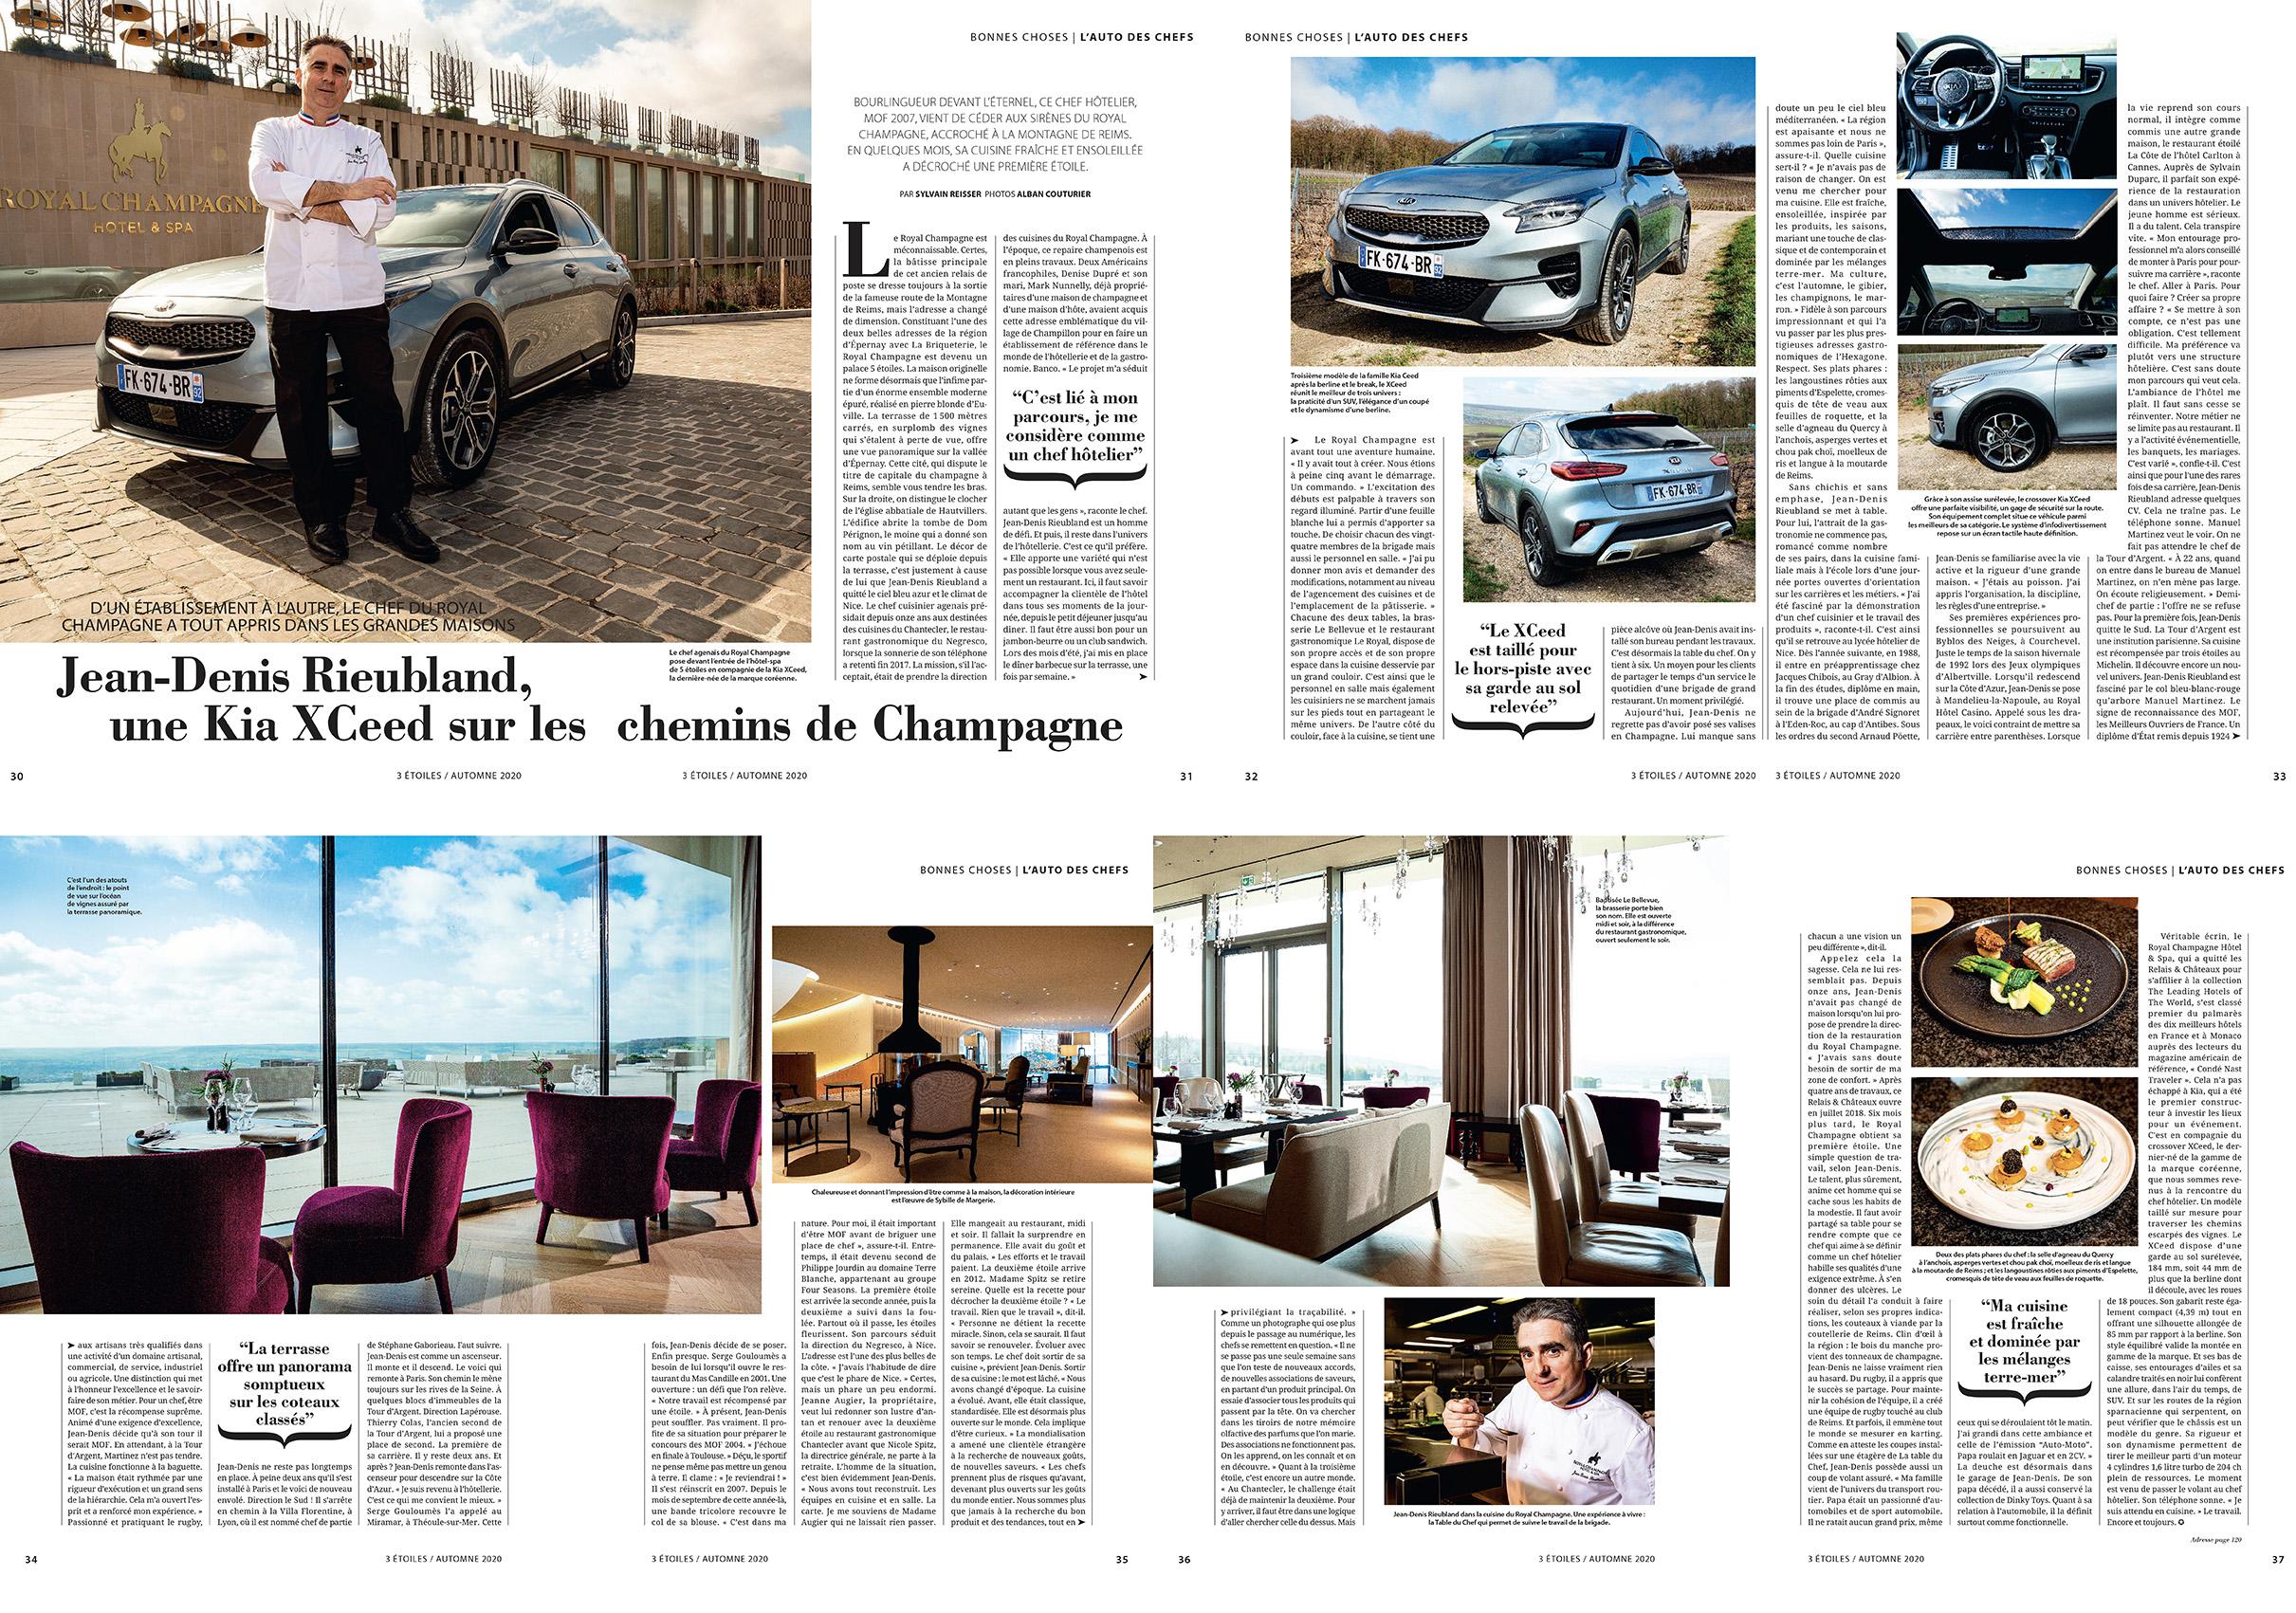 Magazine 3 Etoiles numero 66, Portrait, lieux, recettes et voiture, Royal Champagne, Chef Jean denis Rieubland, MOF,  ©Alban Couturier